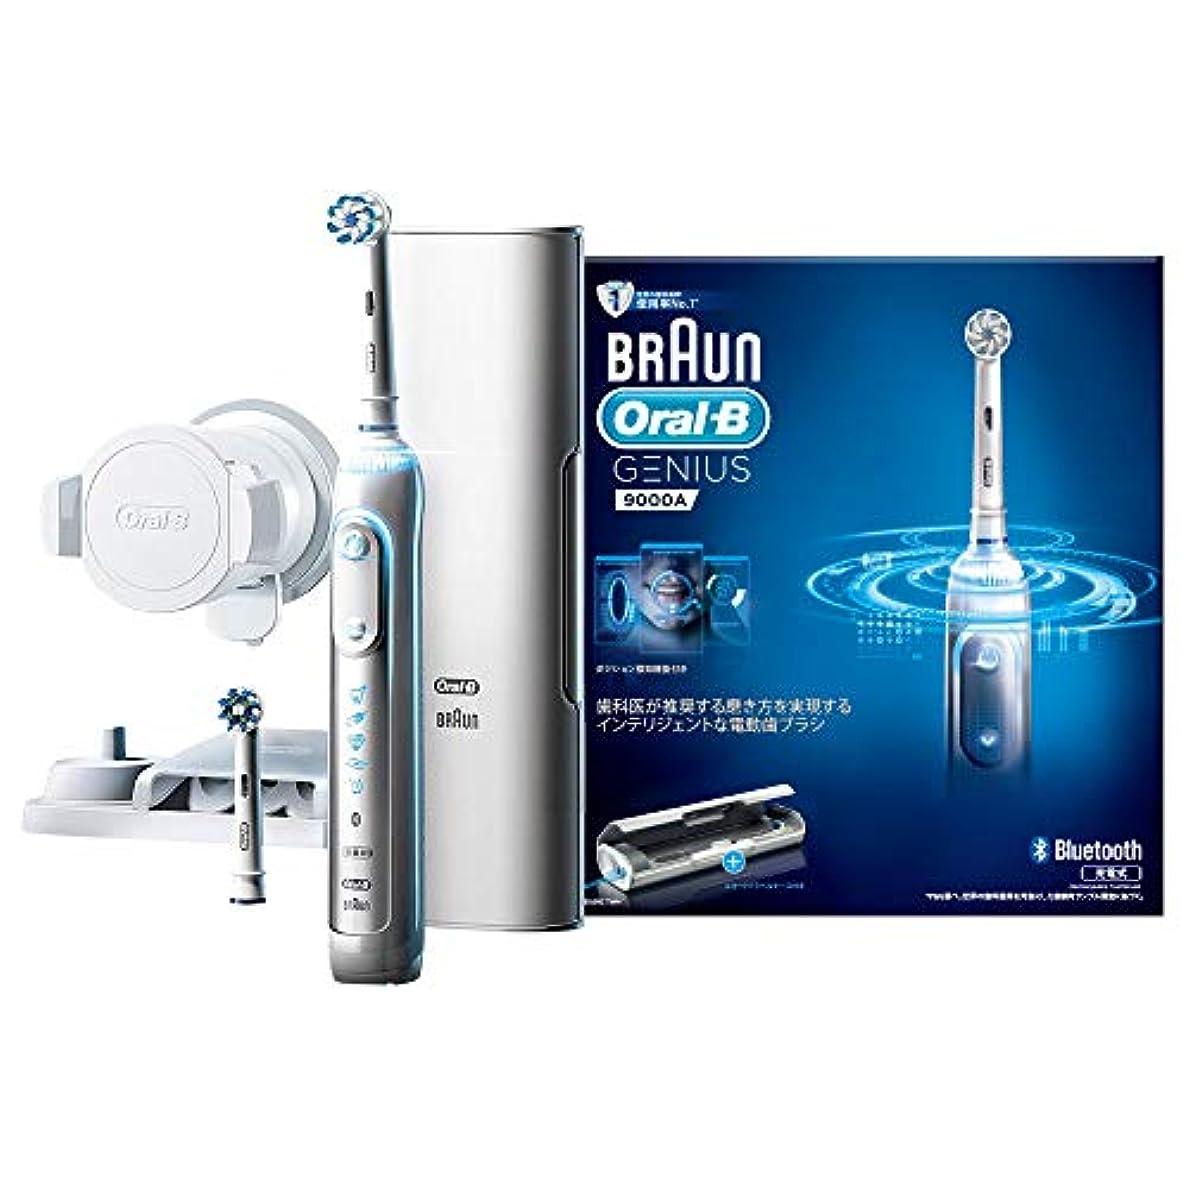 報告書シプリーブームブラウン オーラルB 電動歯ブラシ ジーニアス9000 ホワイト D7015256XCTWH